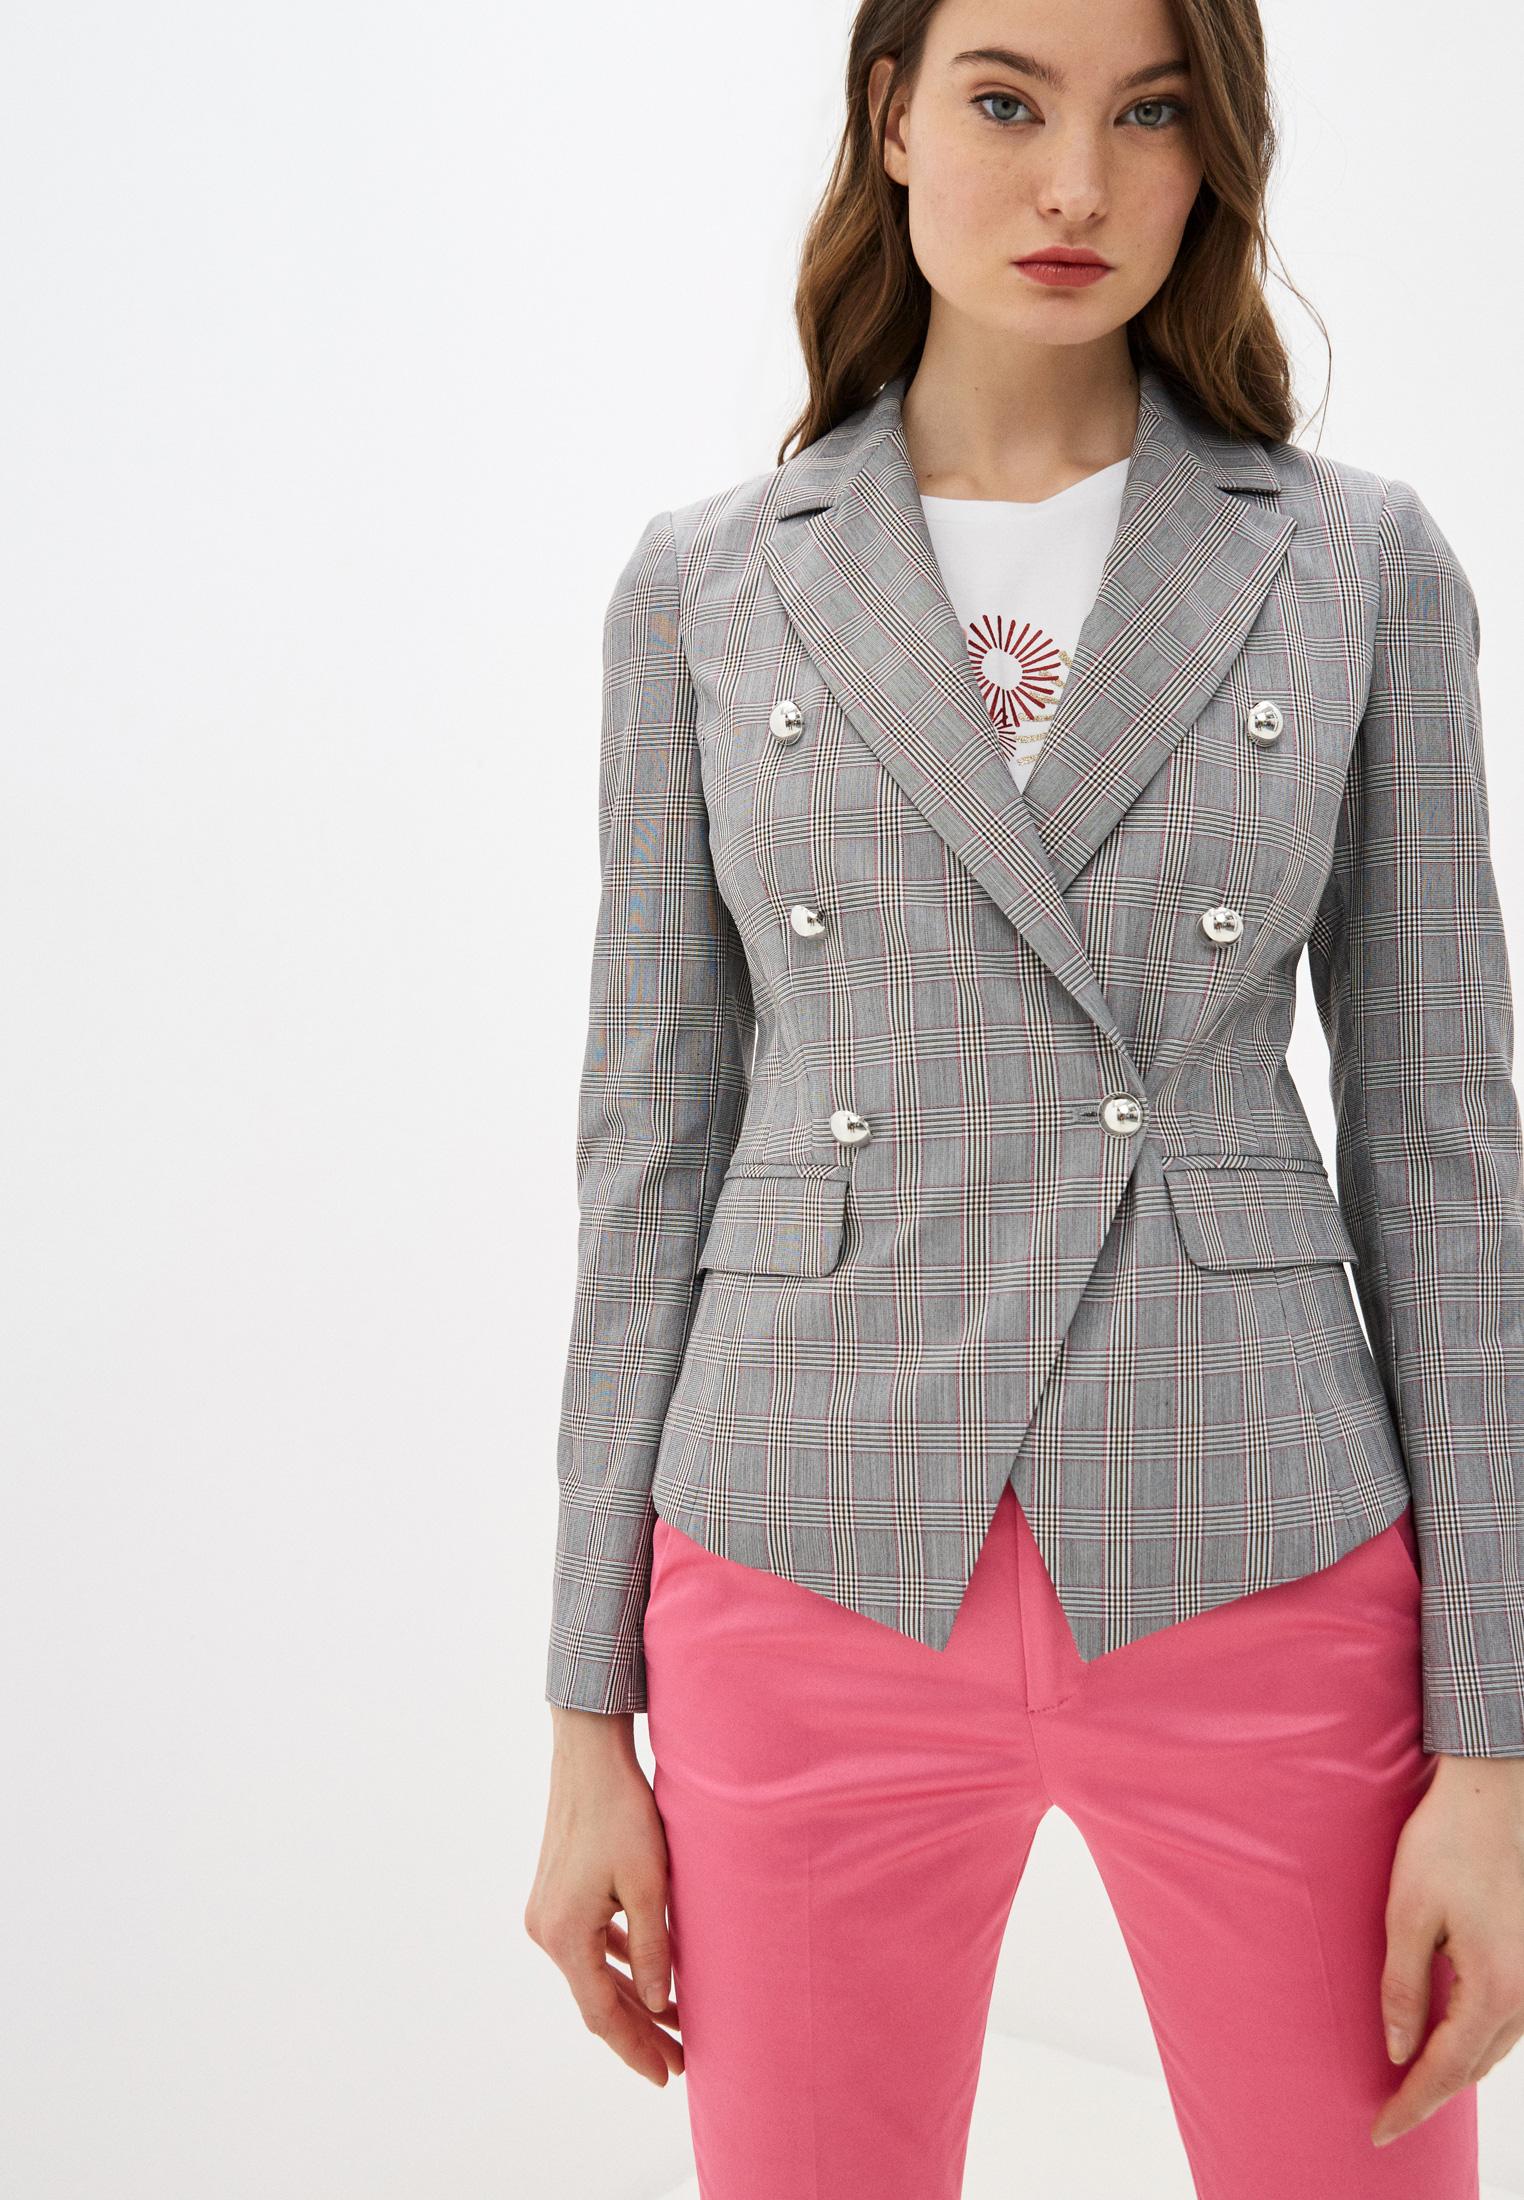 дизайн пиджака женского фото меховыми